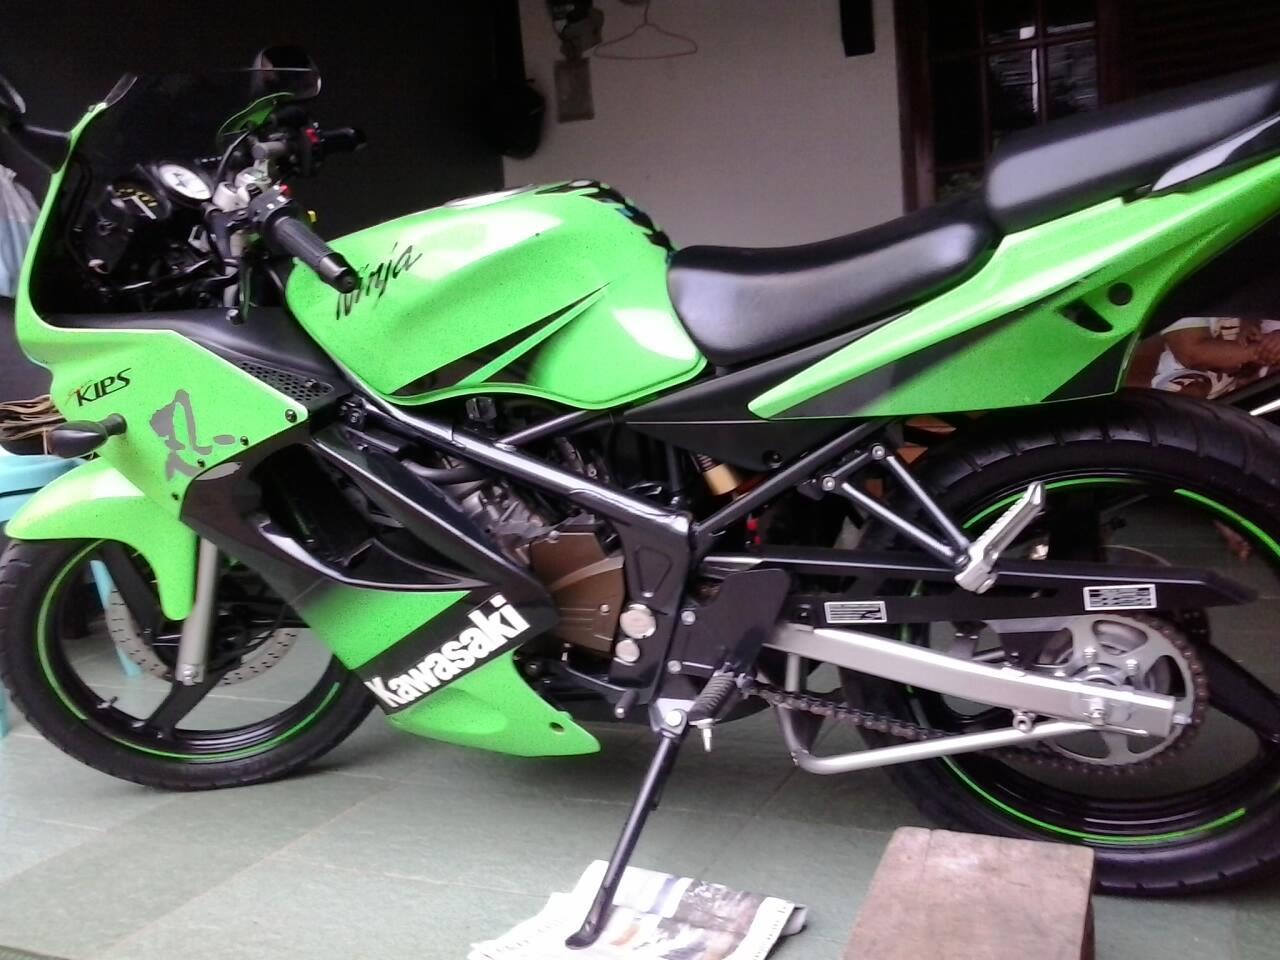 Kawasaki Ninja 150 KRR SE / Ninja 150 RR SE tahun 2011